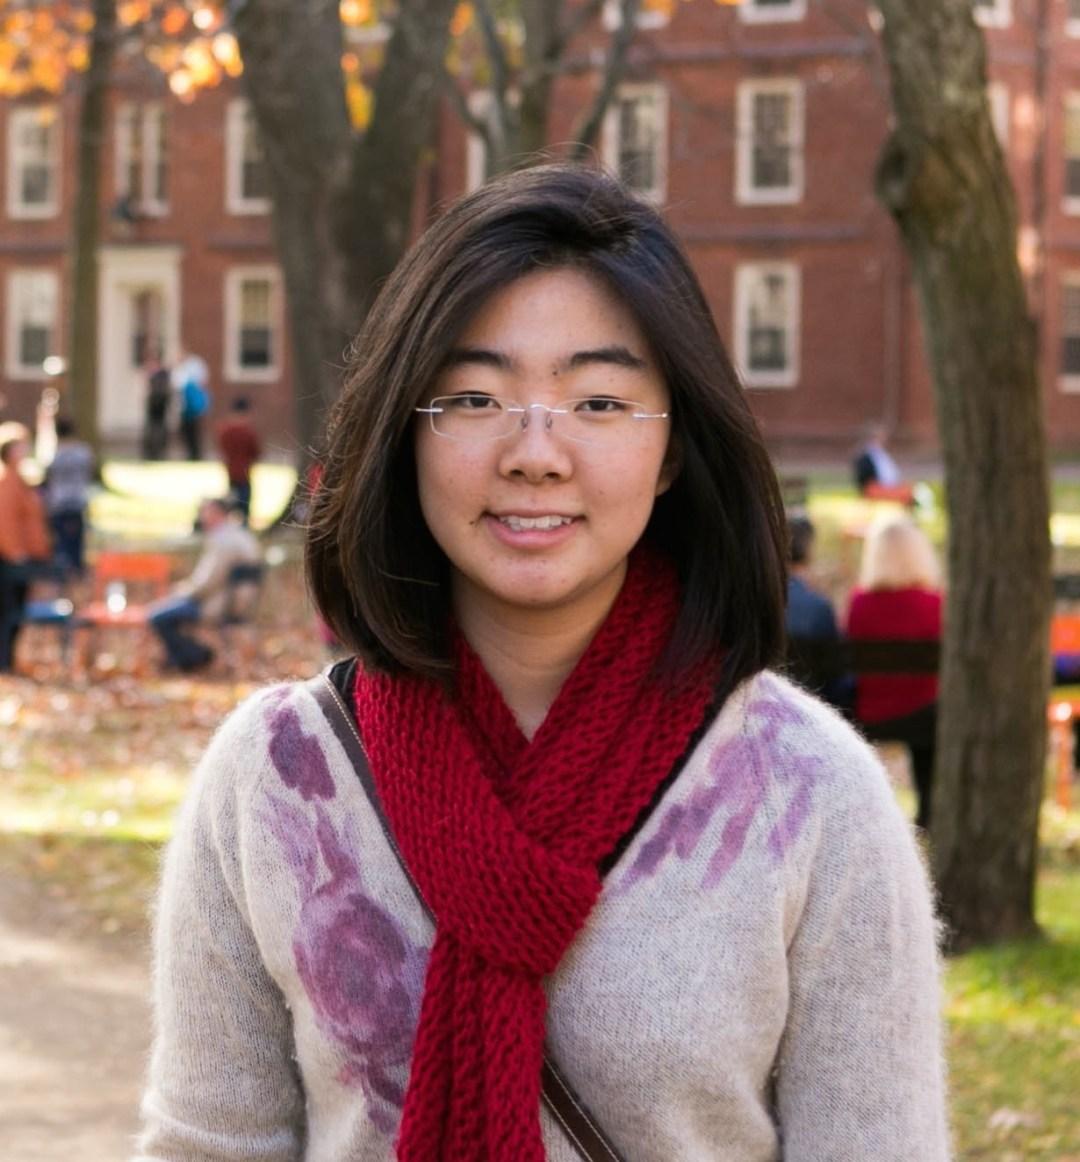 Kristen Shim